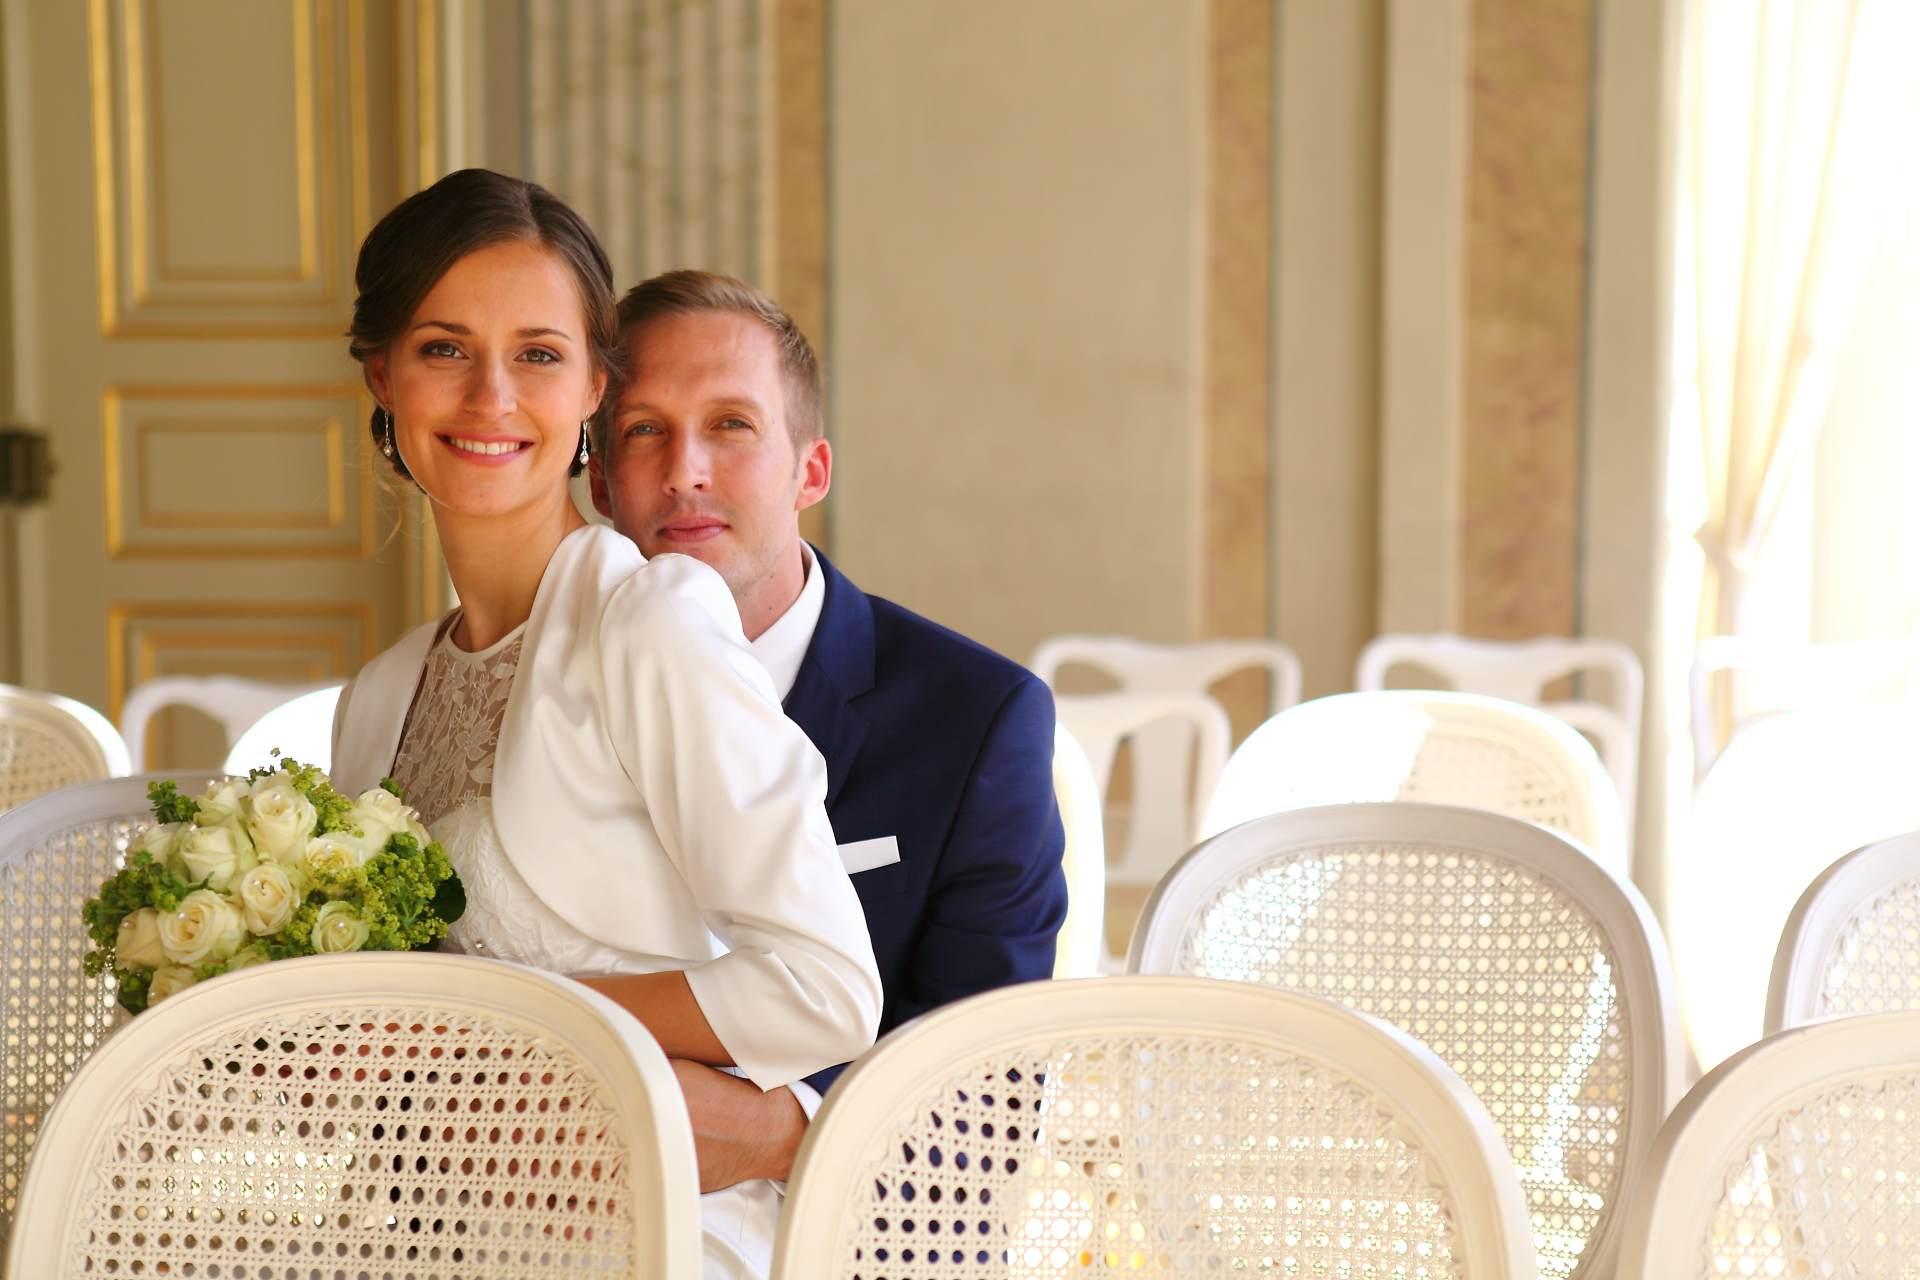 Hochzeitsfotos in Leipzig - Hochzeitspaar sitzt auf einem Stuhl